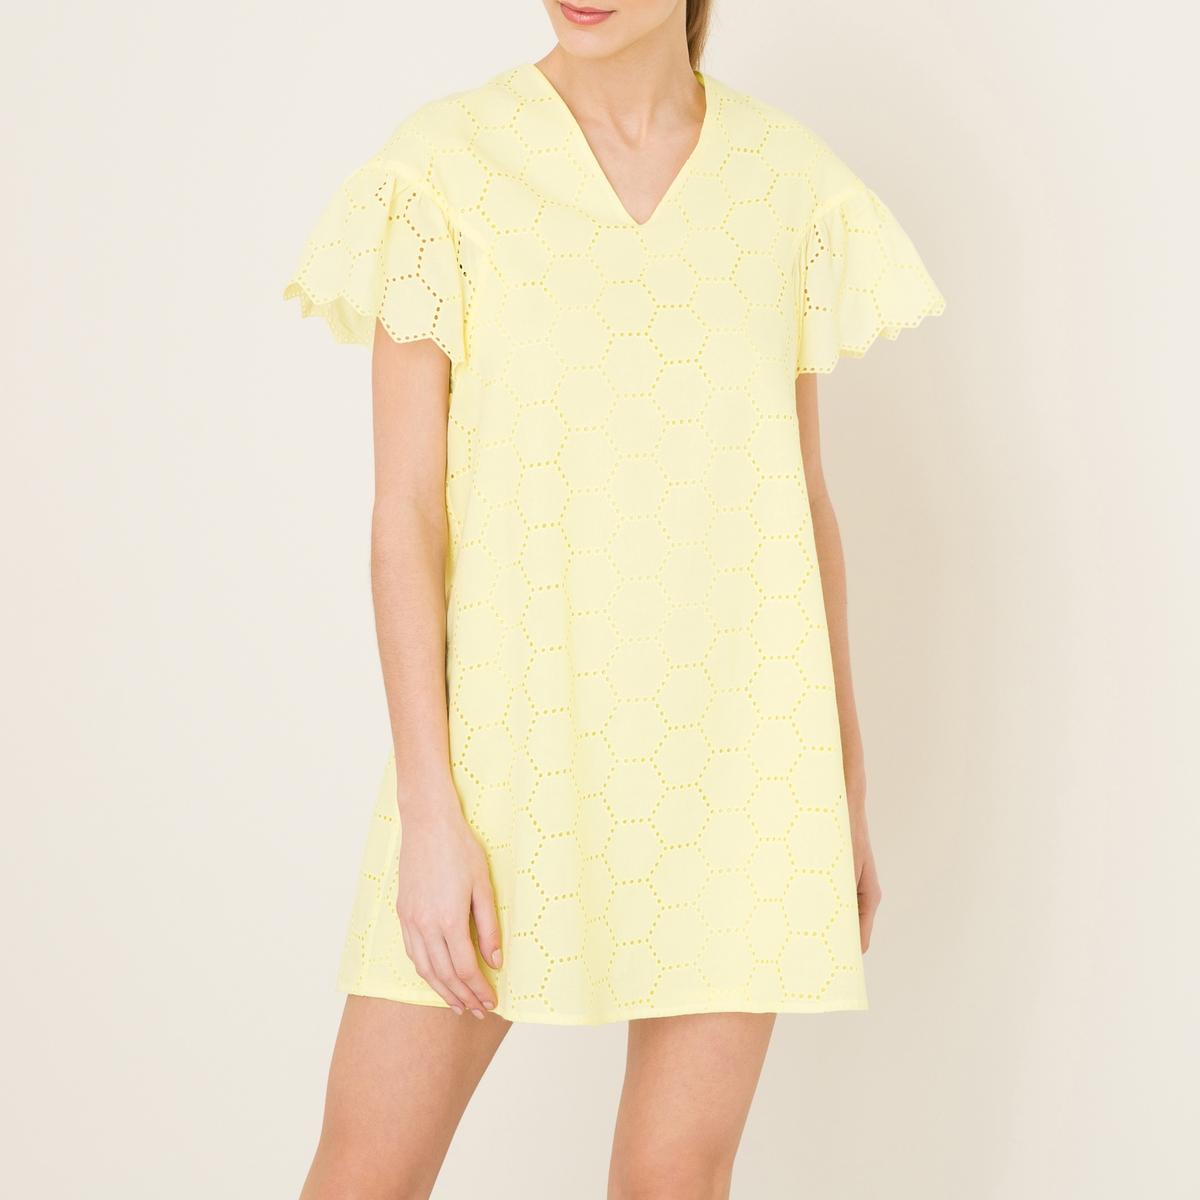 Платье HEMMAСостав и описание Материал : 100% хлопокДлина : 85 см. для размера 36Марка : PAUL AND JOE SISTER<br><br>Цвет: желтый